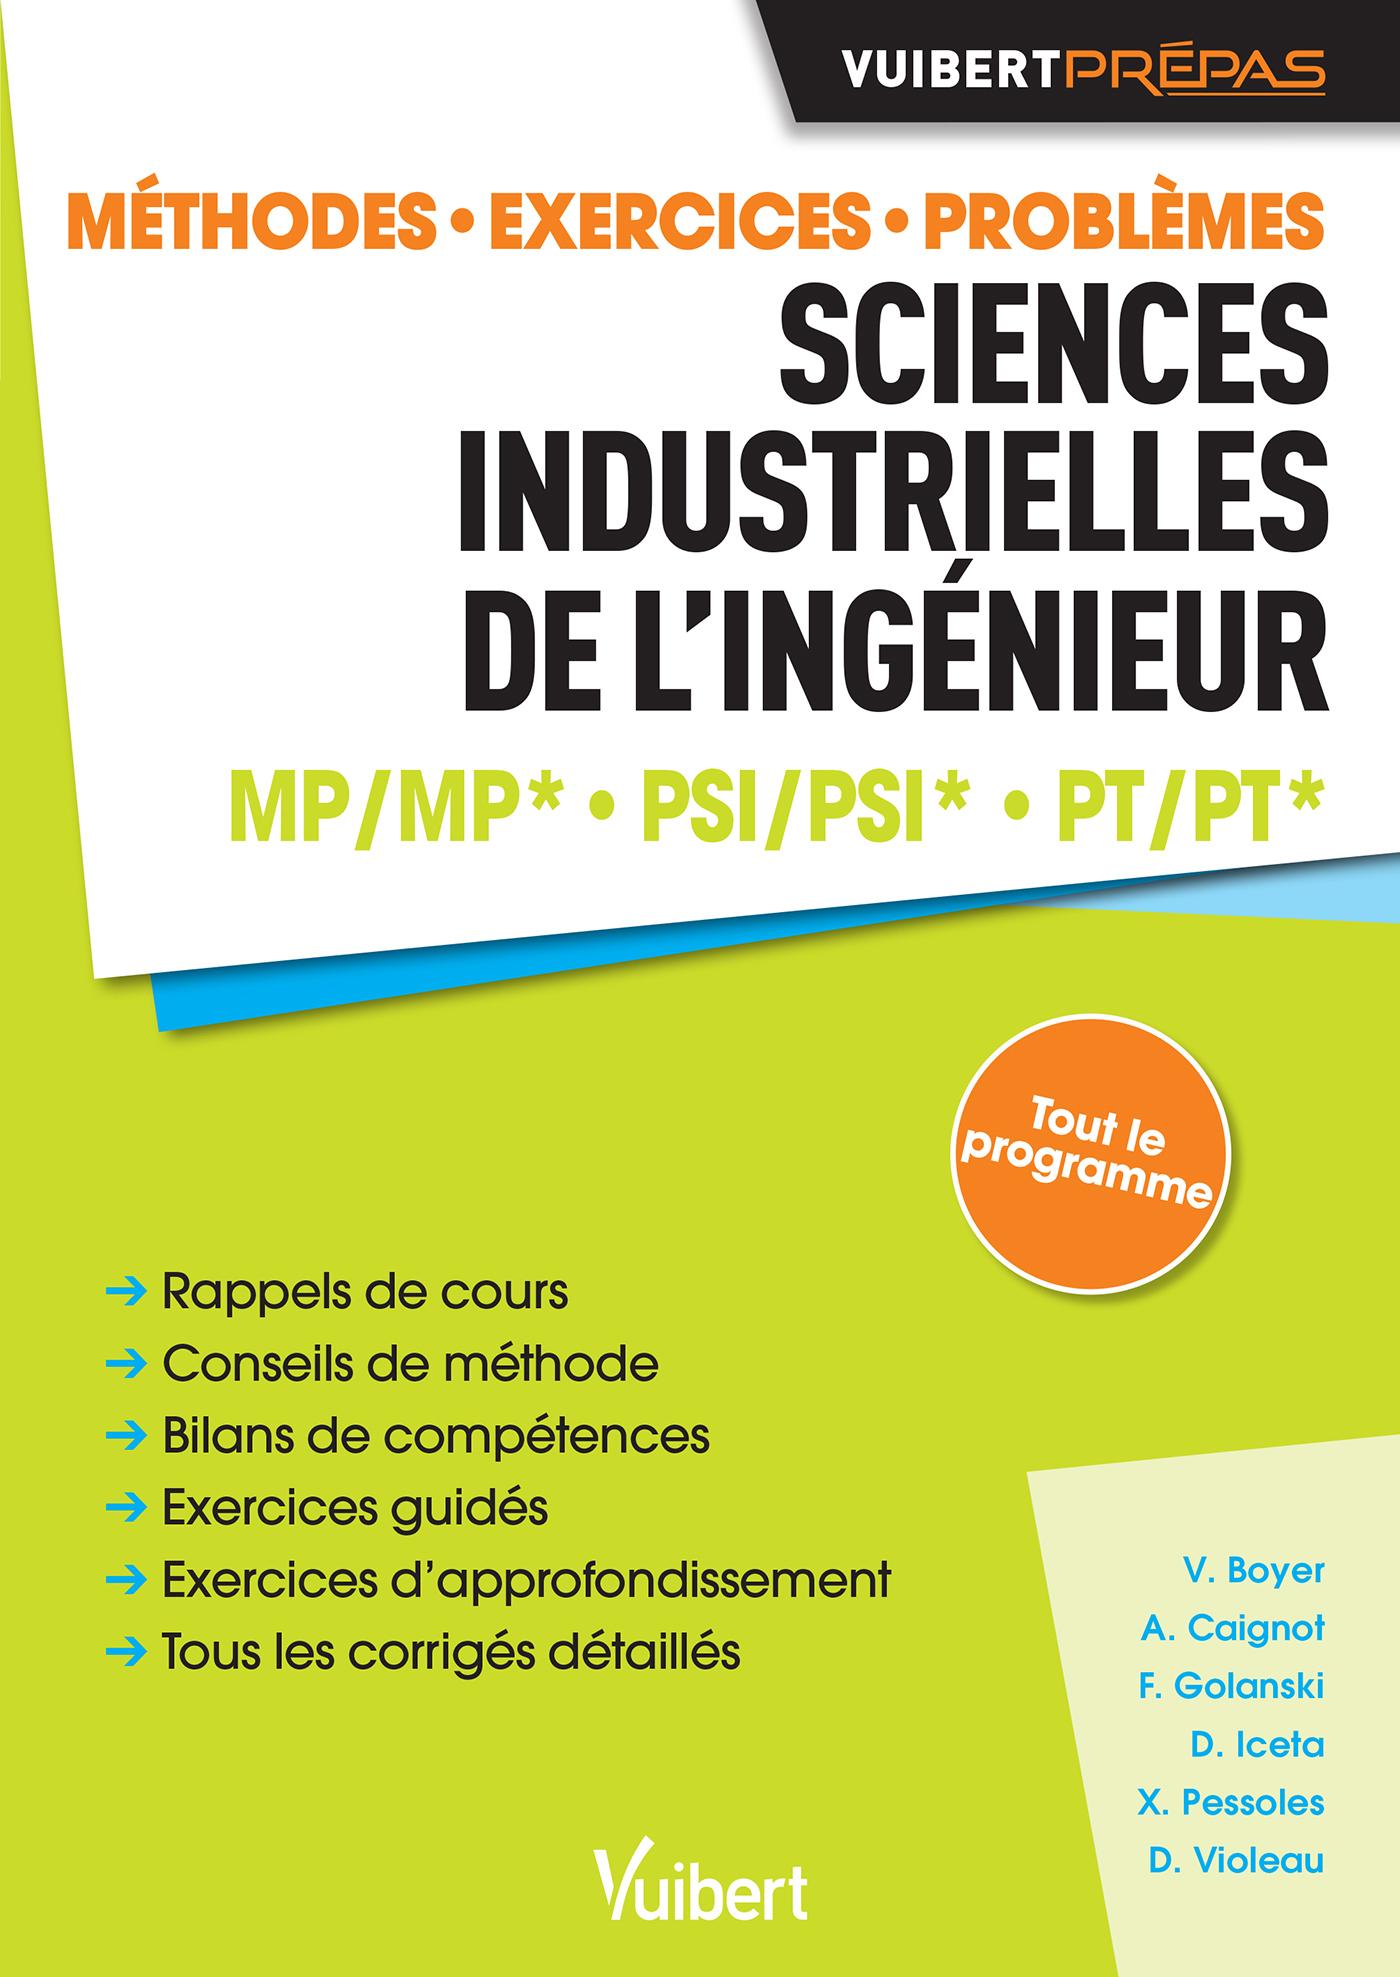 SCIENCES INDUSTRIELLES DE L'INGENIEUR MP / MP*  PSI / PSI*  PT / PT*